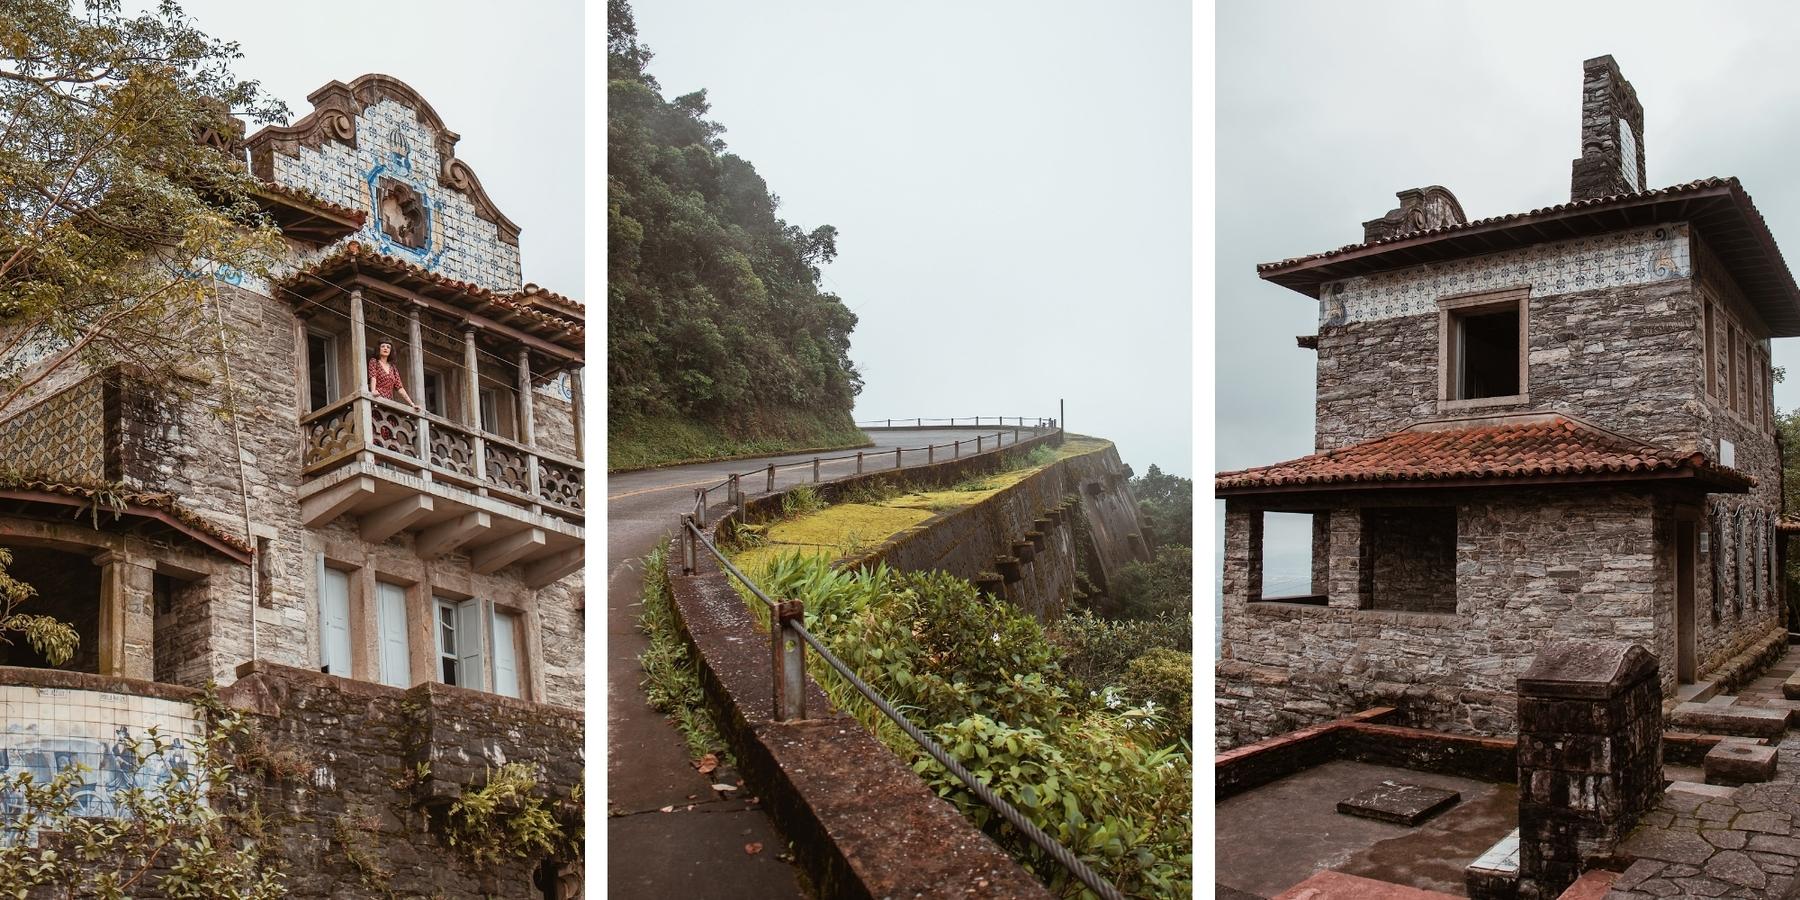 Três imagens da trilha dos Monumentos Históricos no litoral paulista.